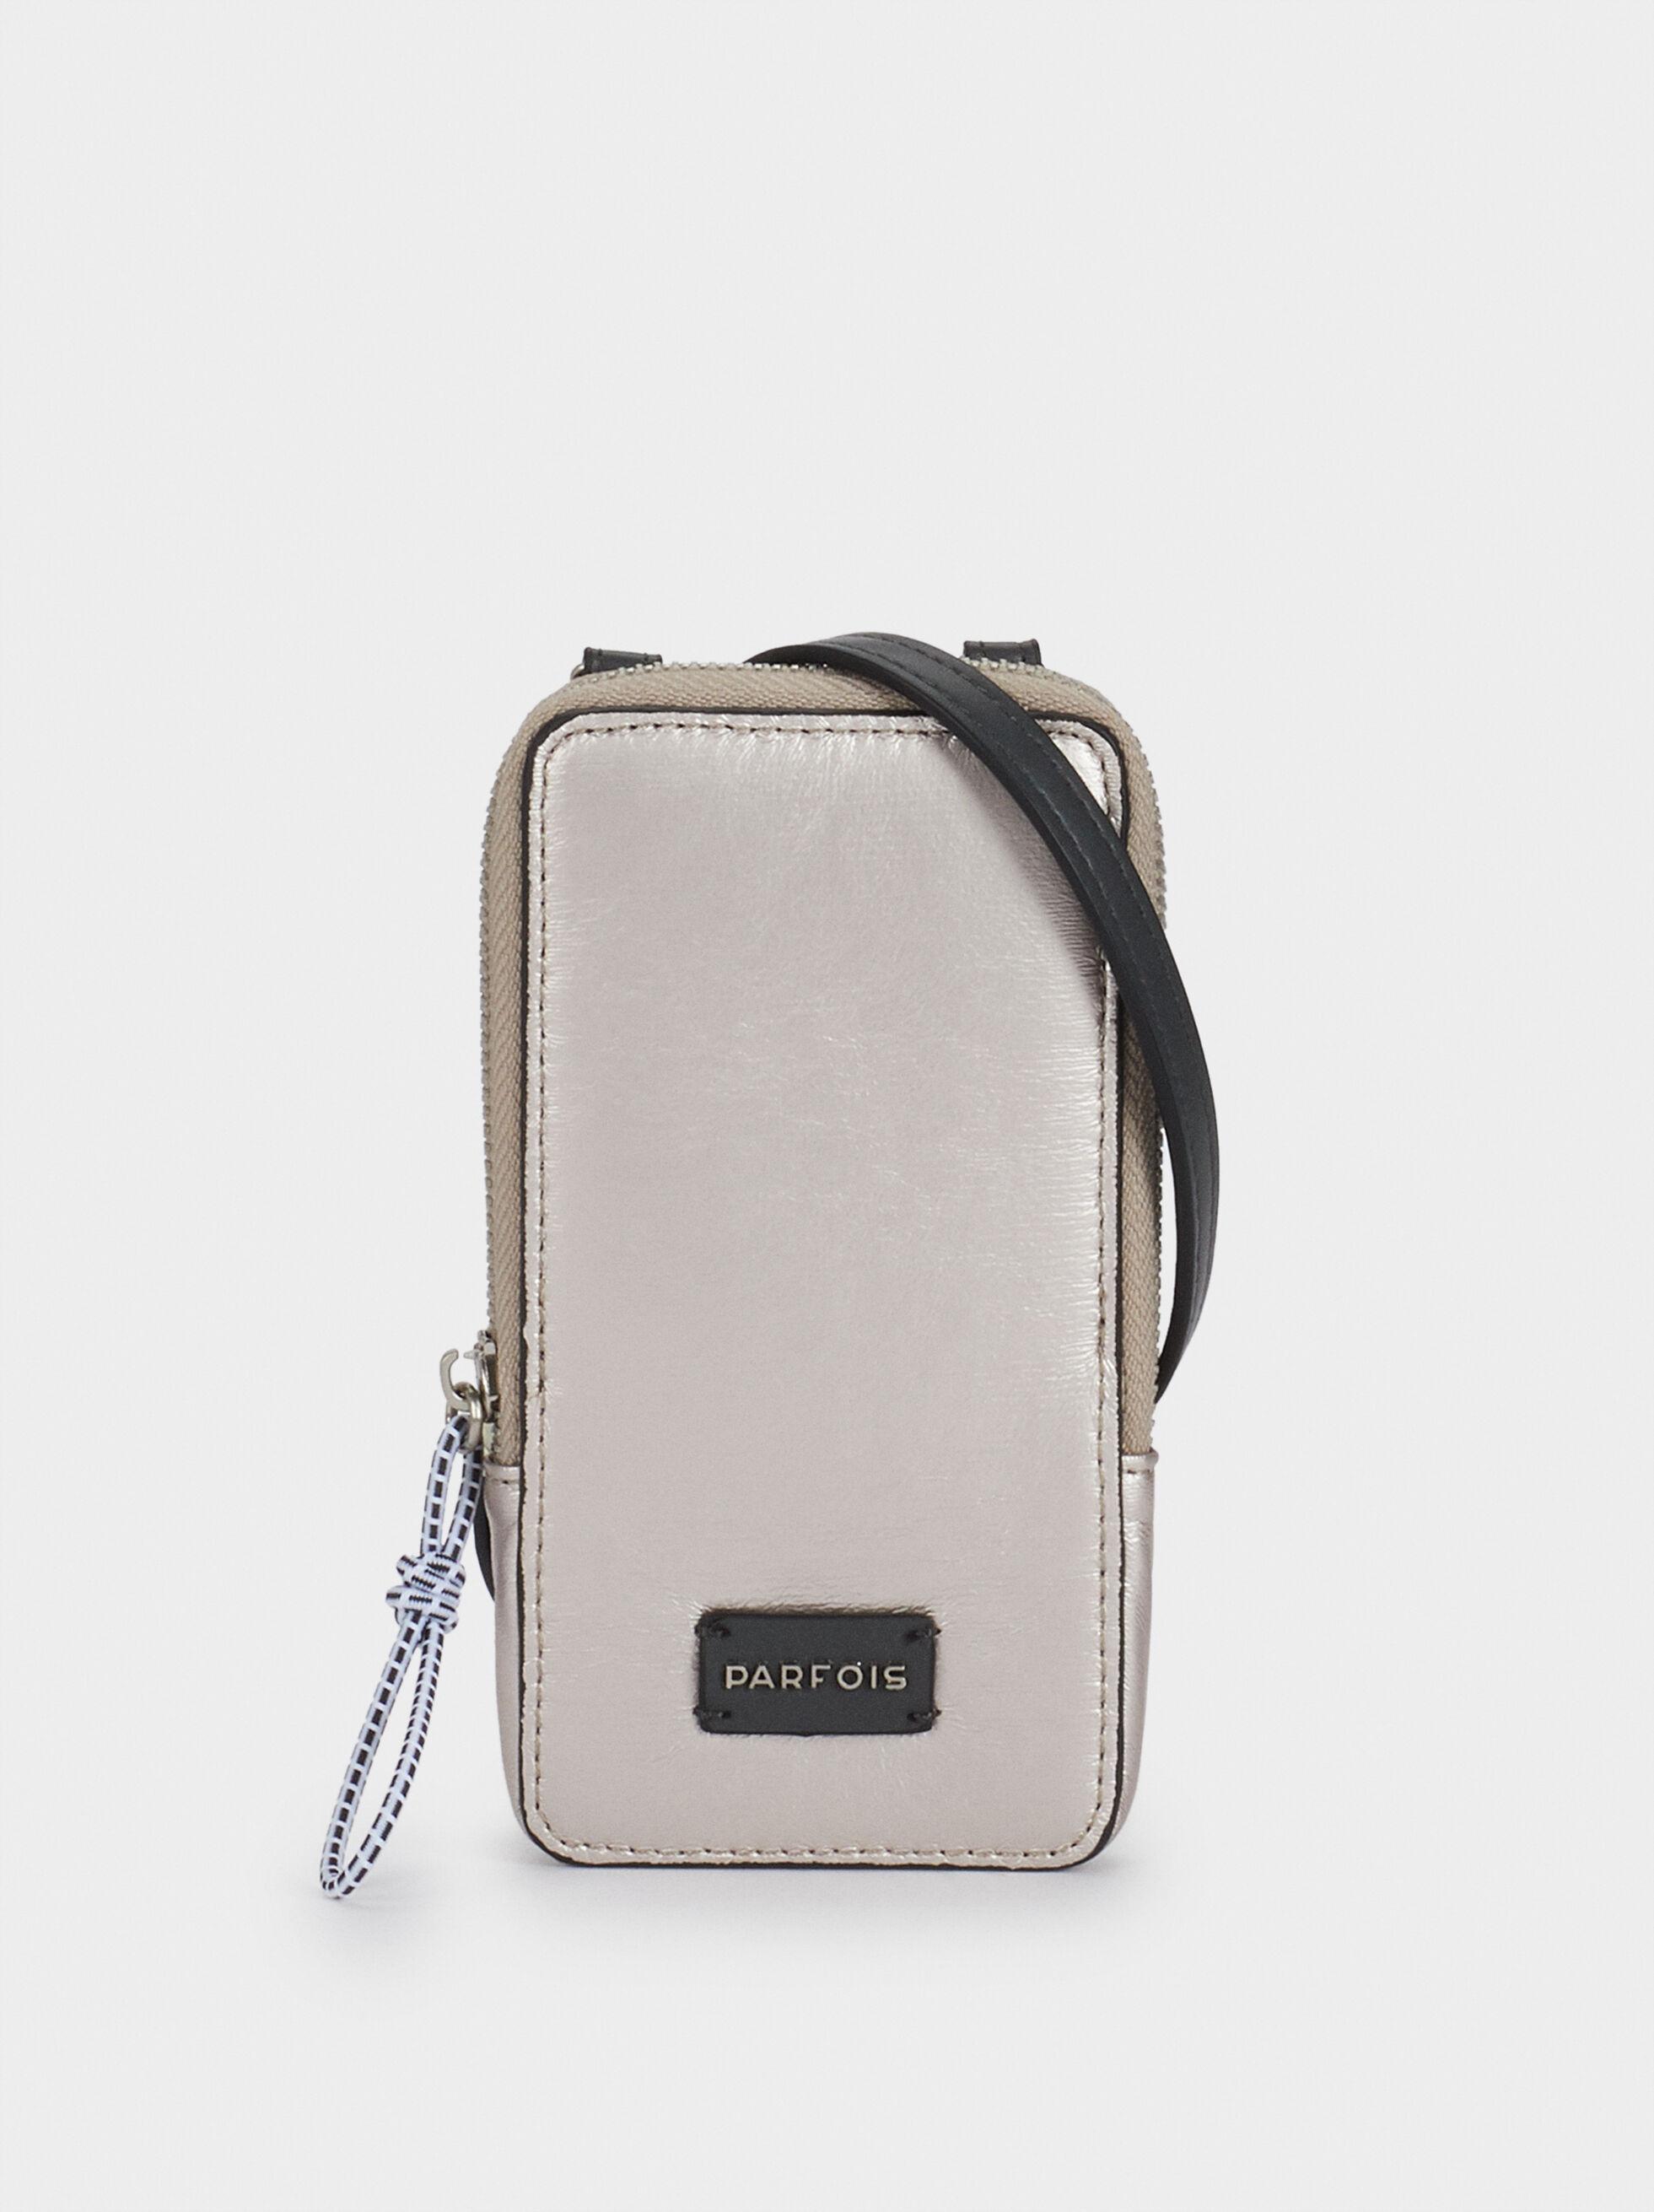 Phone Case With Shoulder Strap, Pink, hi-res